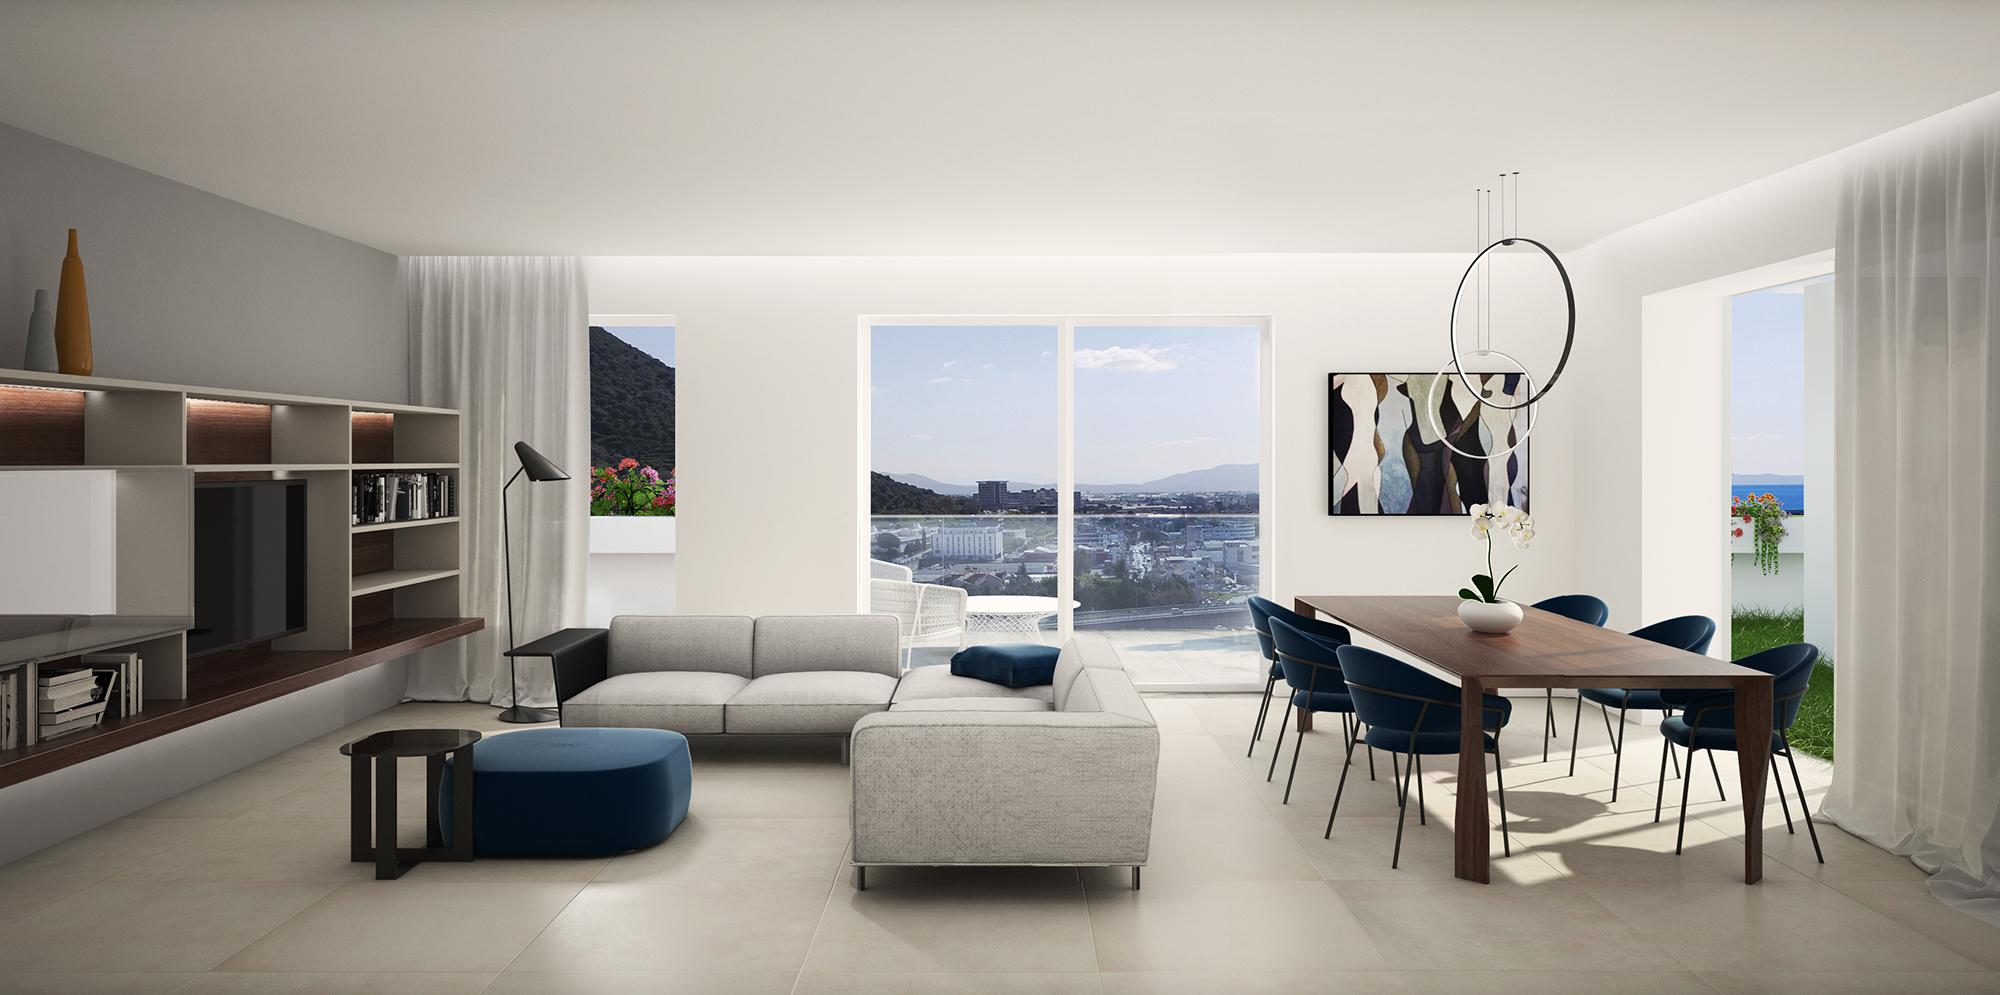 milara-srl-gruppo-postiglione-societa-di-costruzioni-e-vendita-appartamenti-immobili-residenziali-commerciali-cr28-torre-mare-arbostella-attico-living